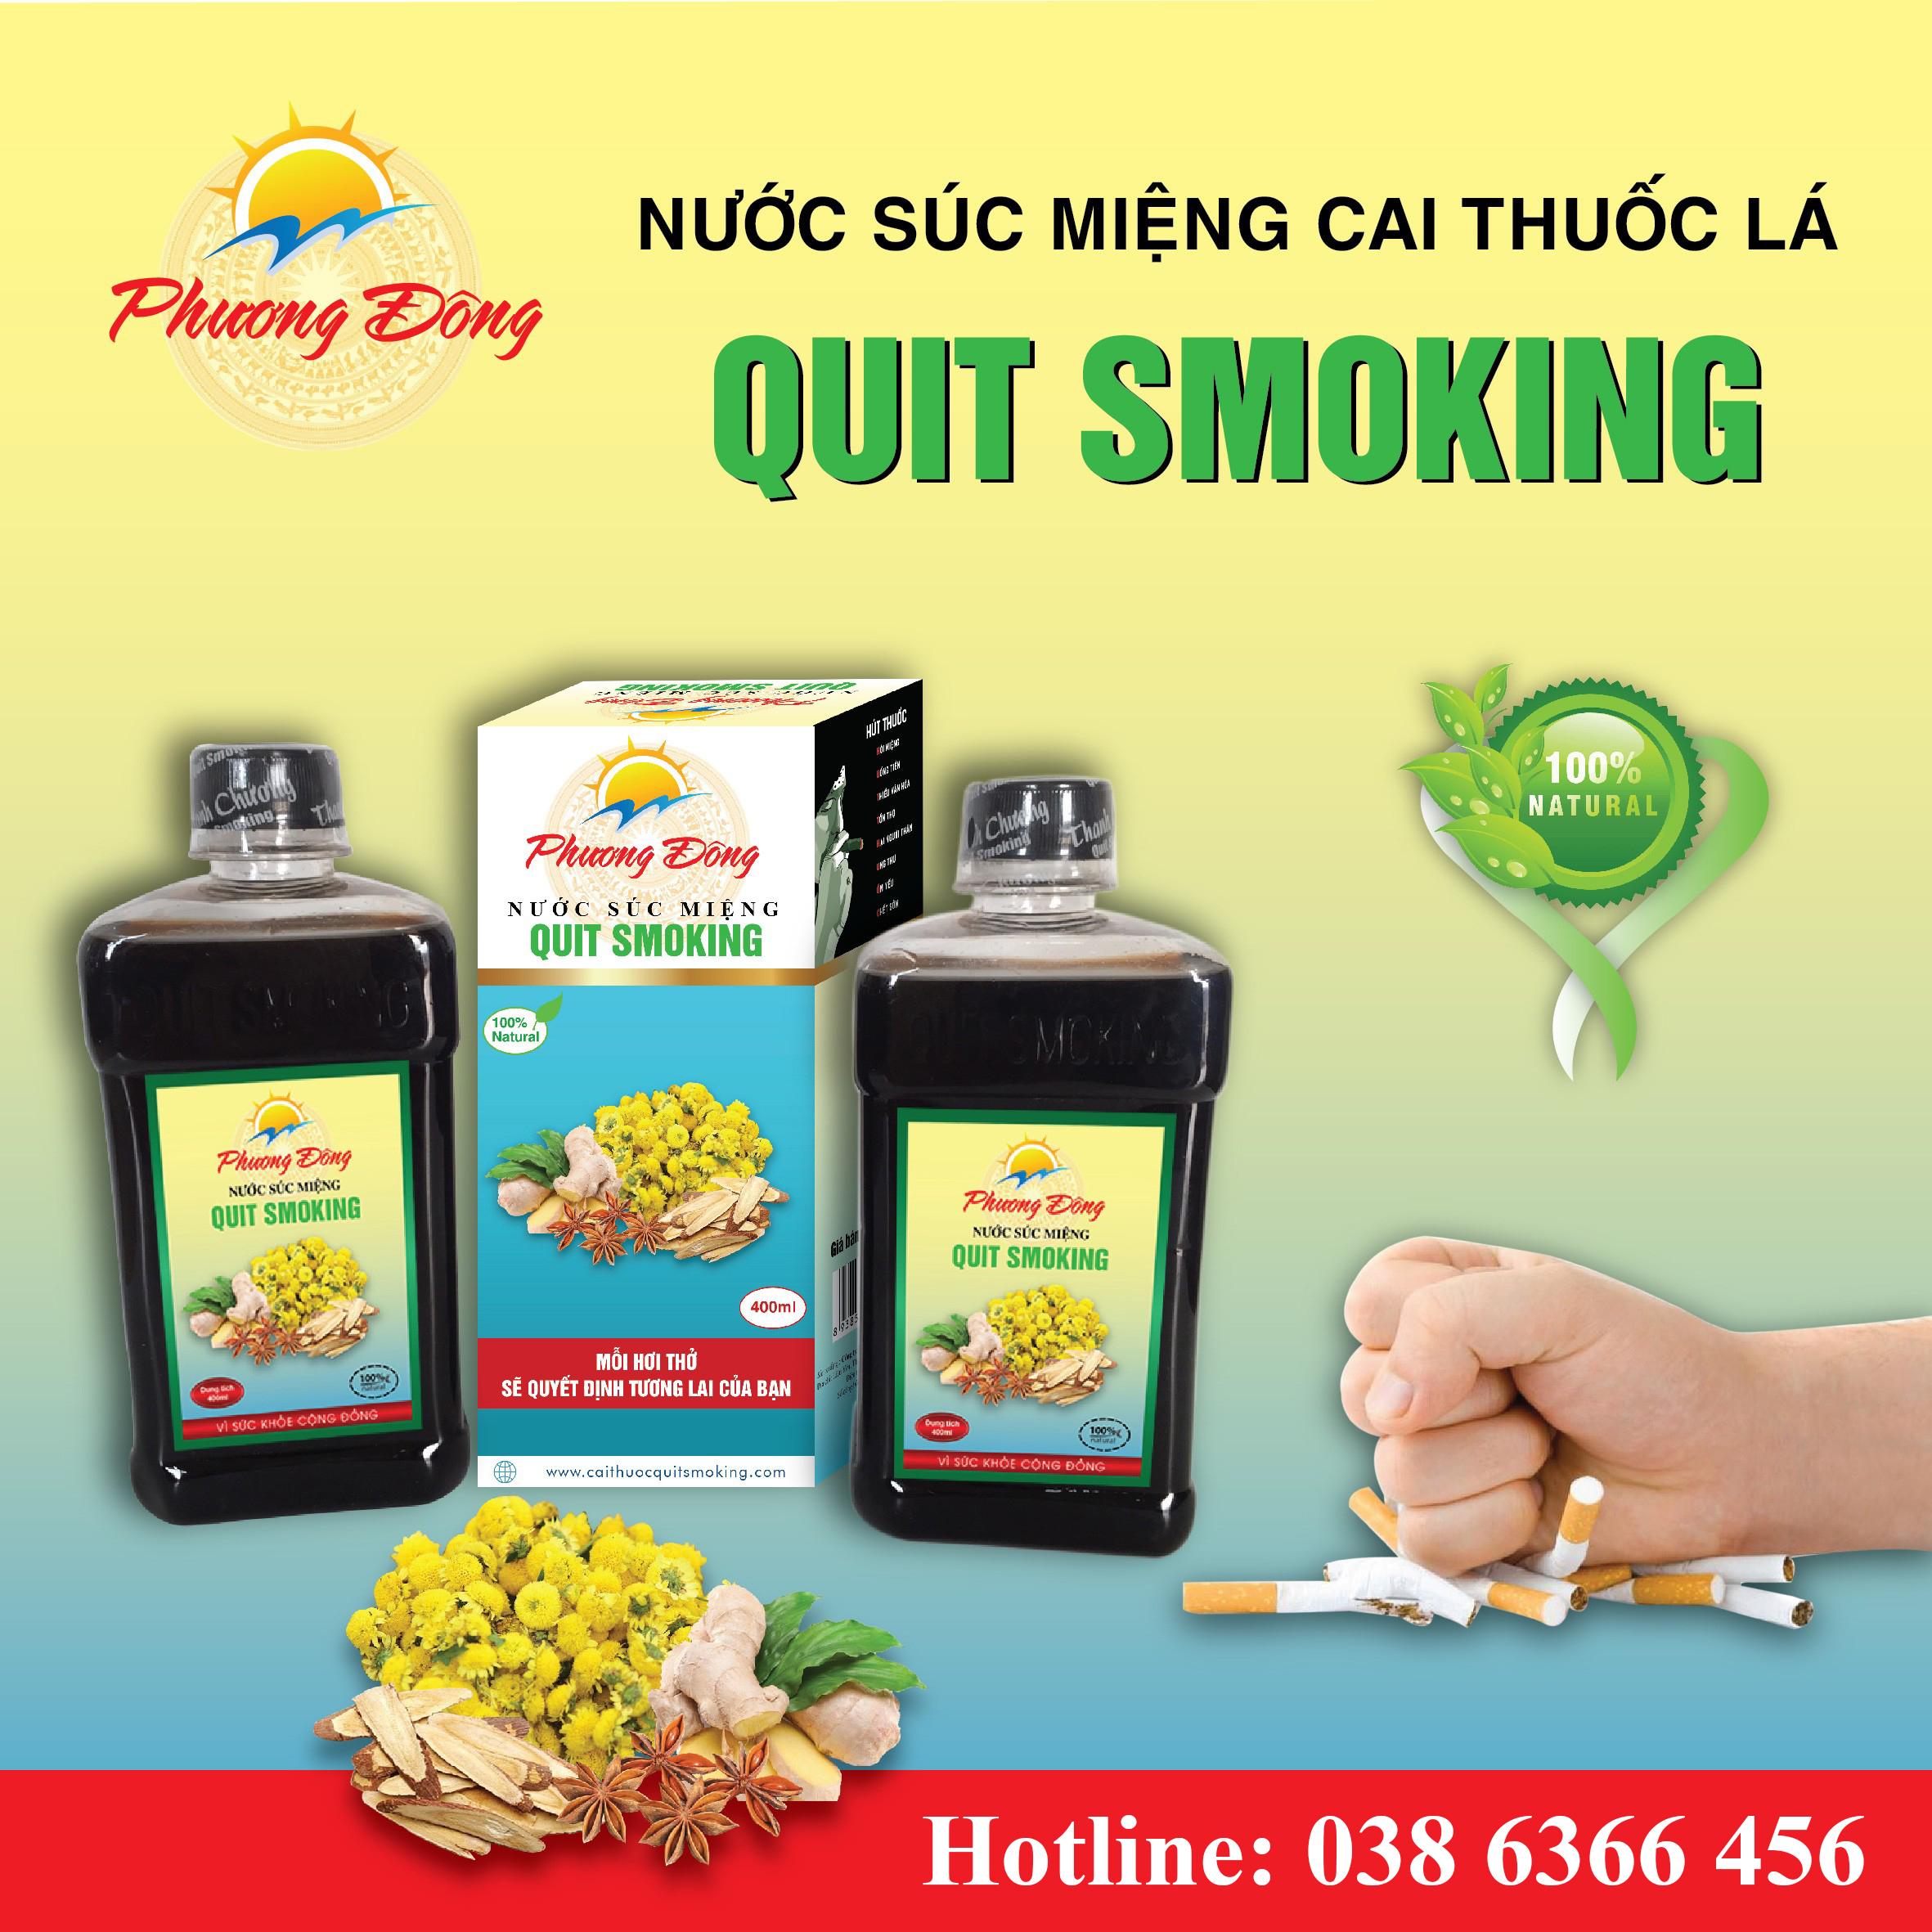 Quit-Smoking Nước Súc Miệng Cai Thuốc Lá